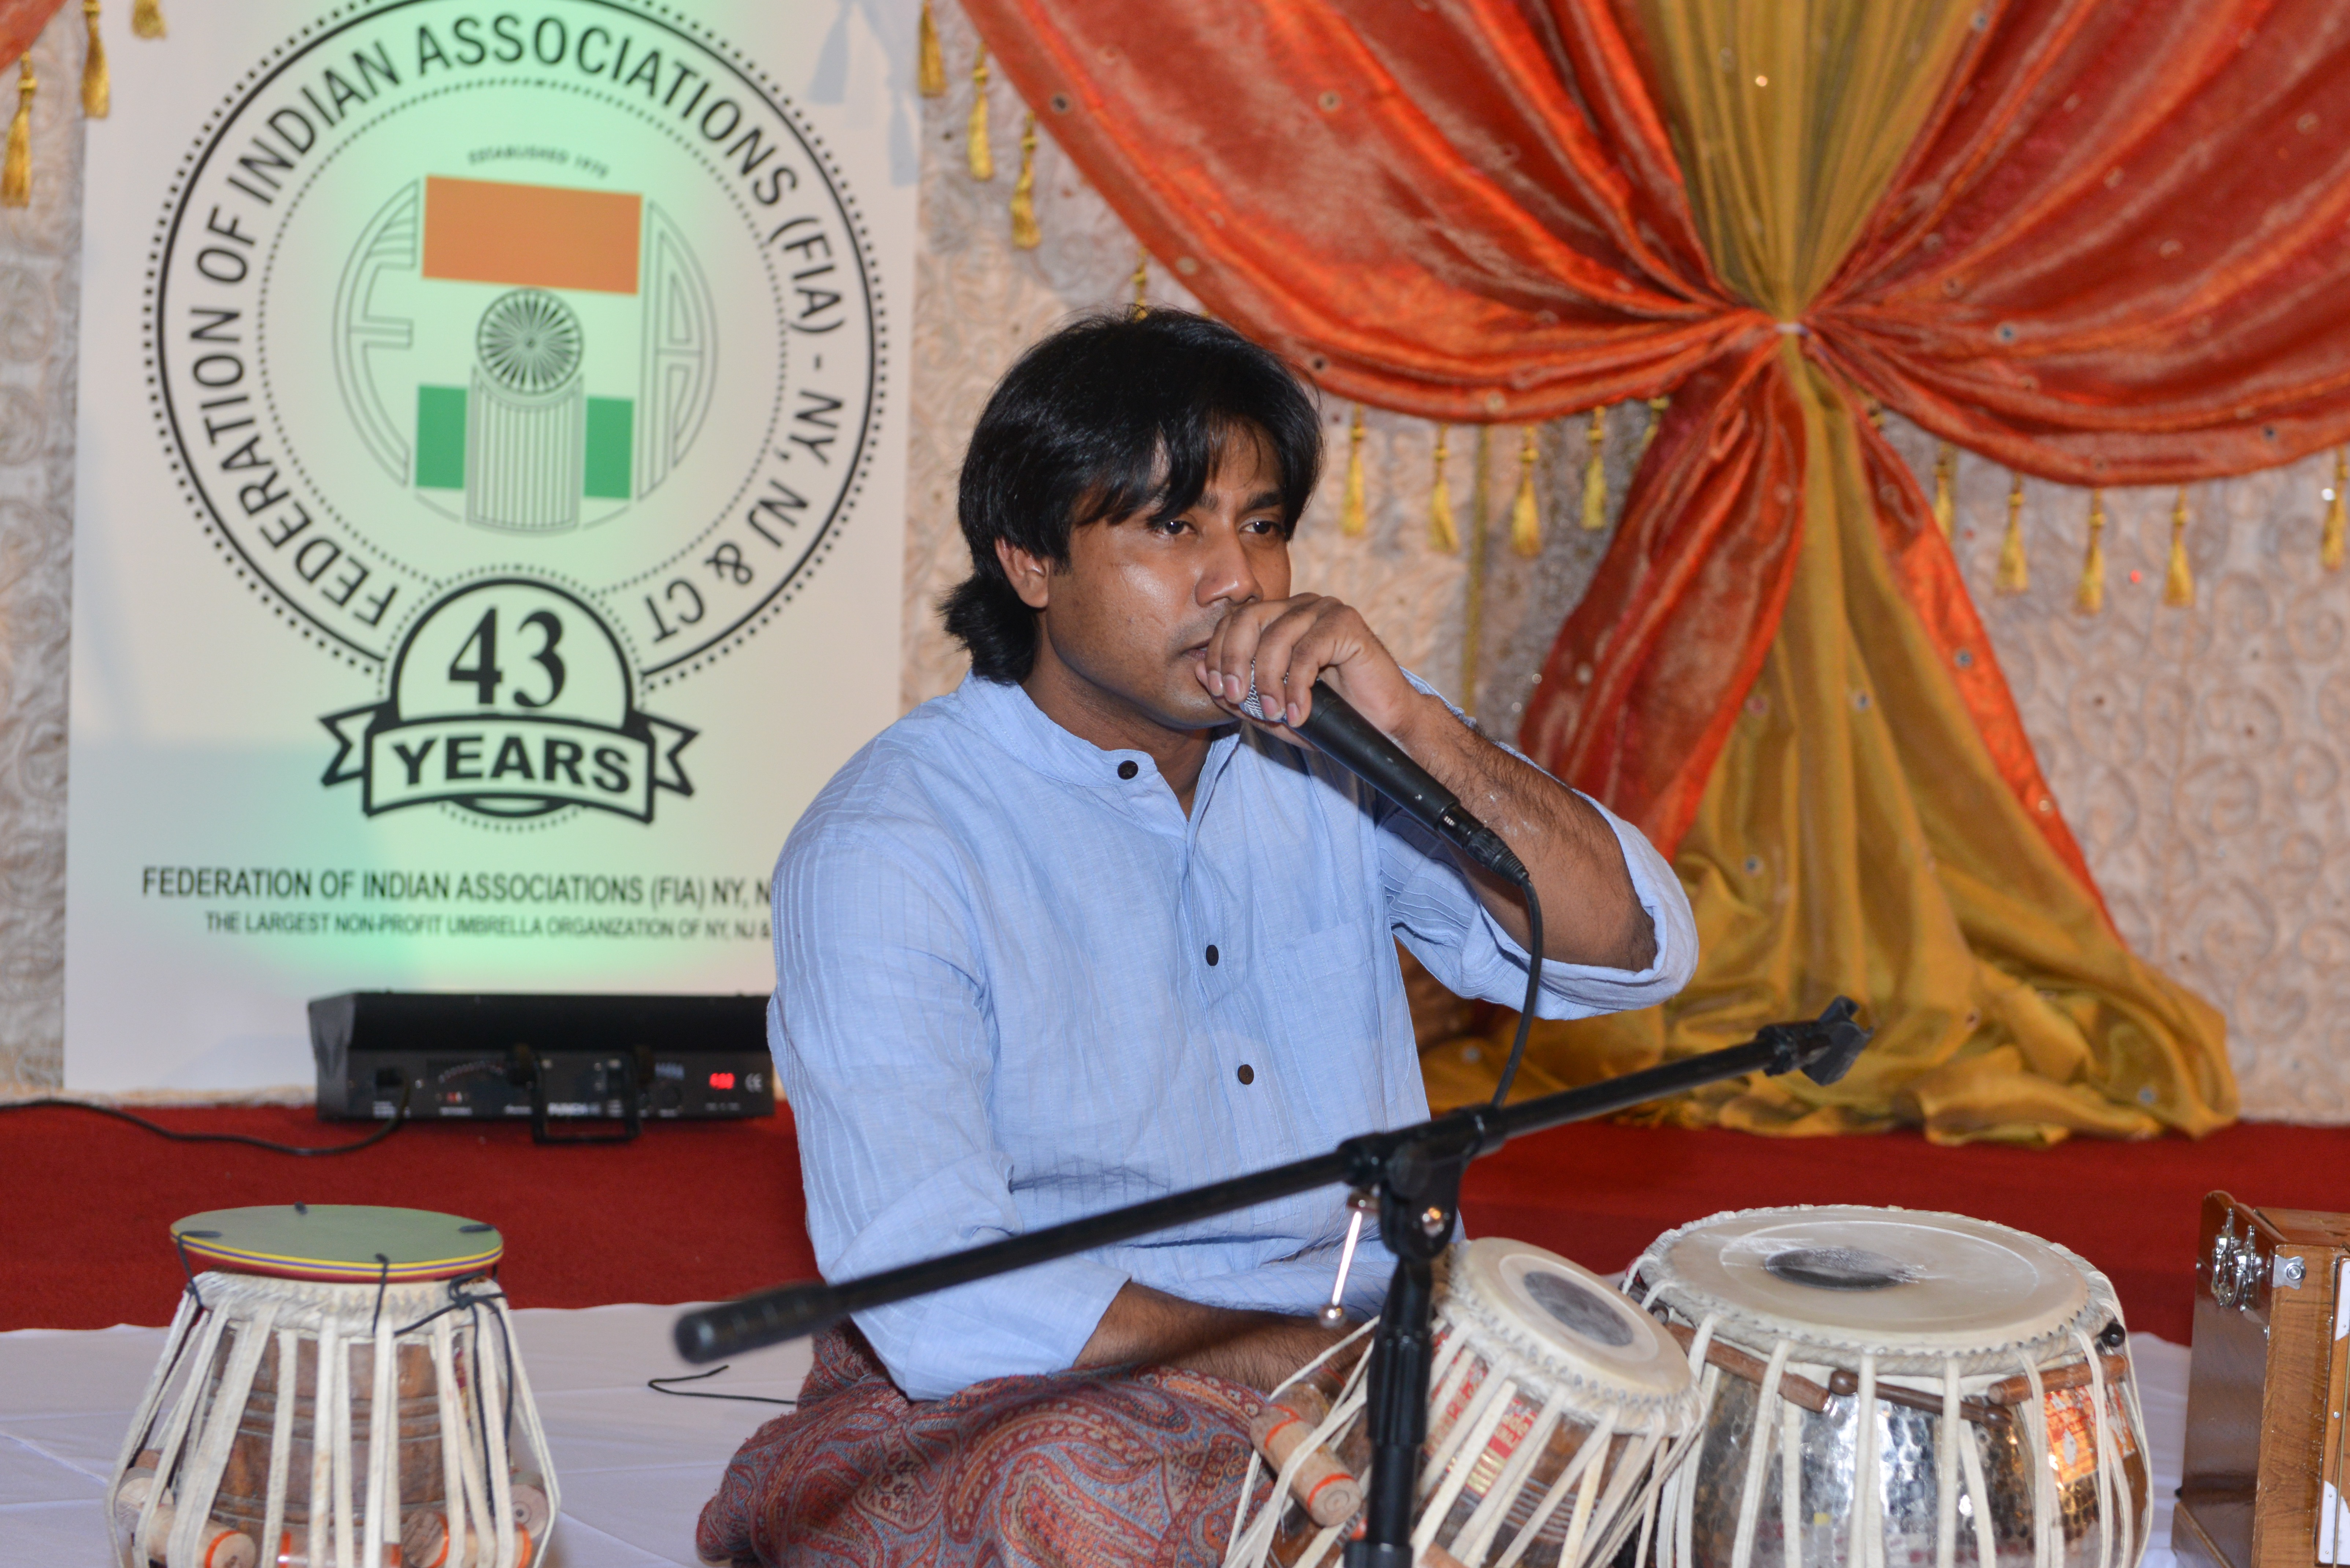 Anirban Roy Chowdhury